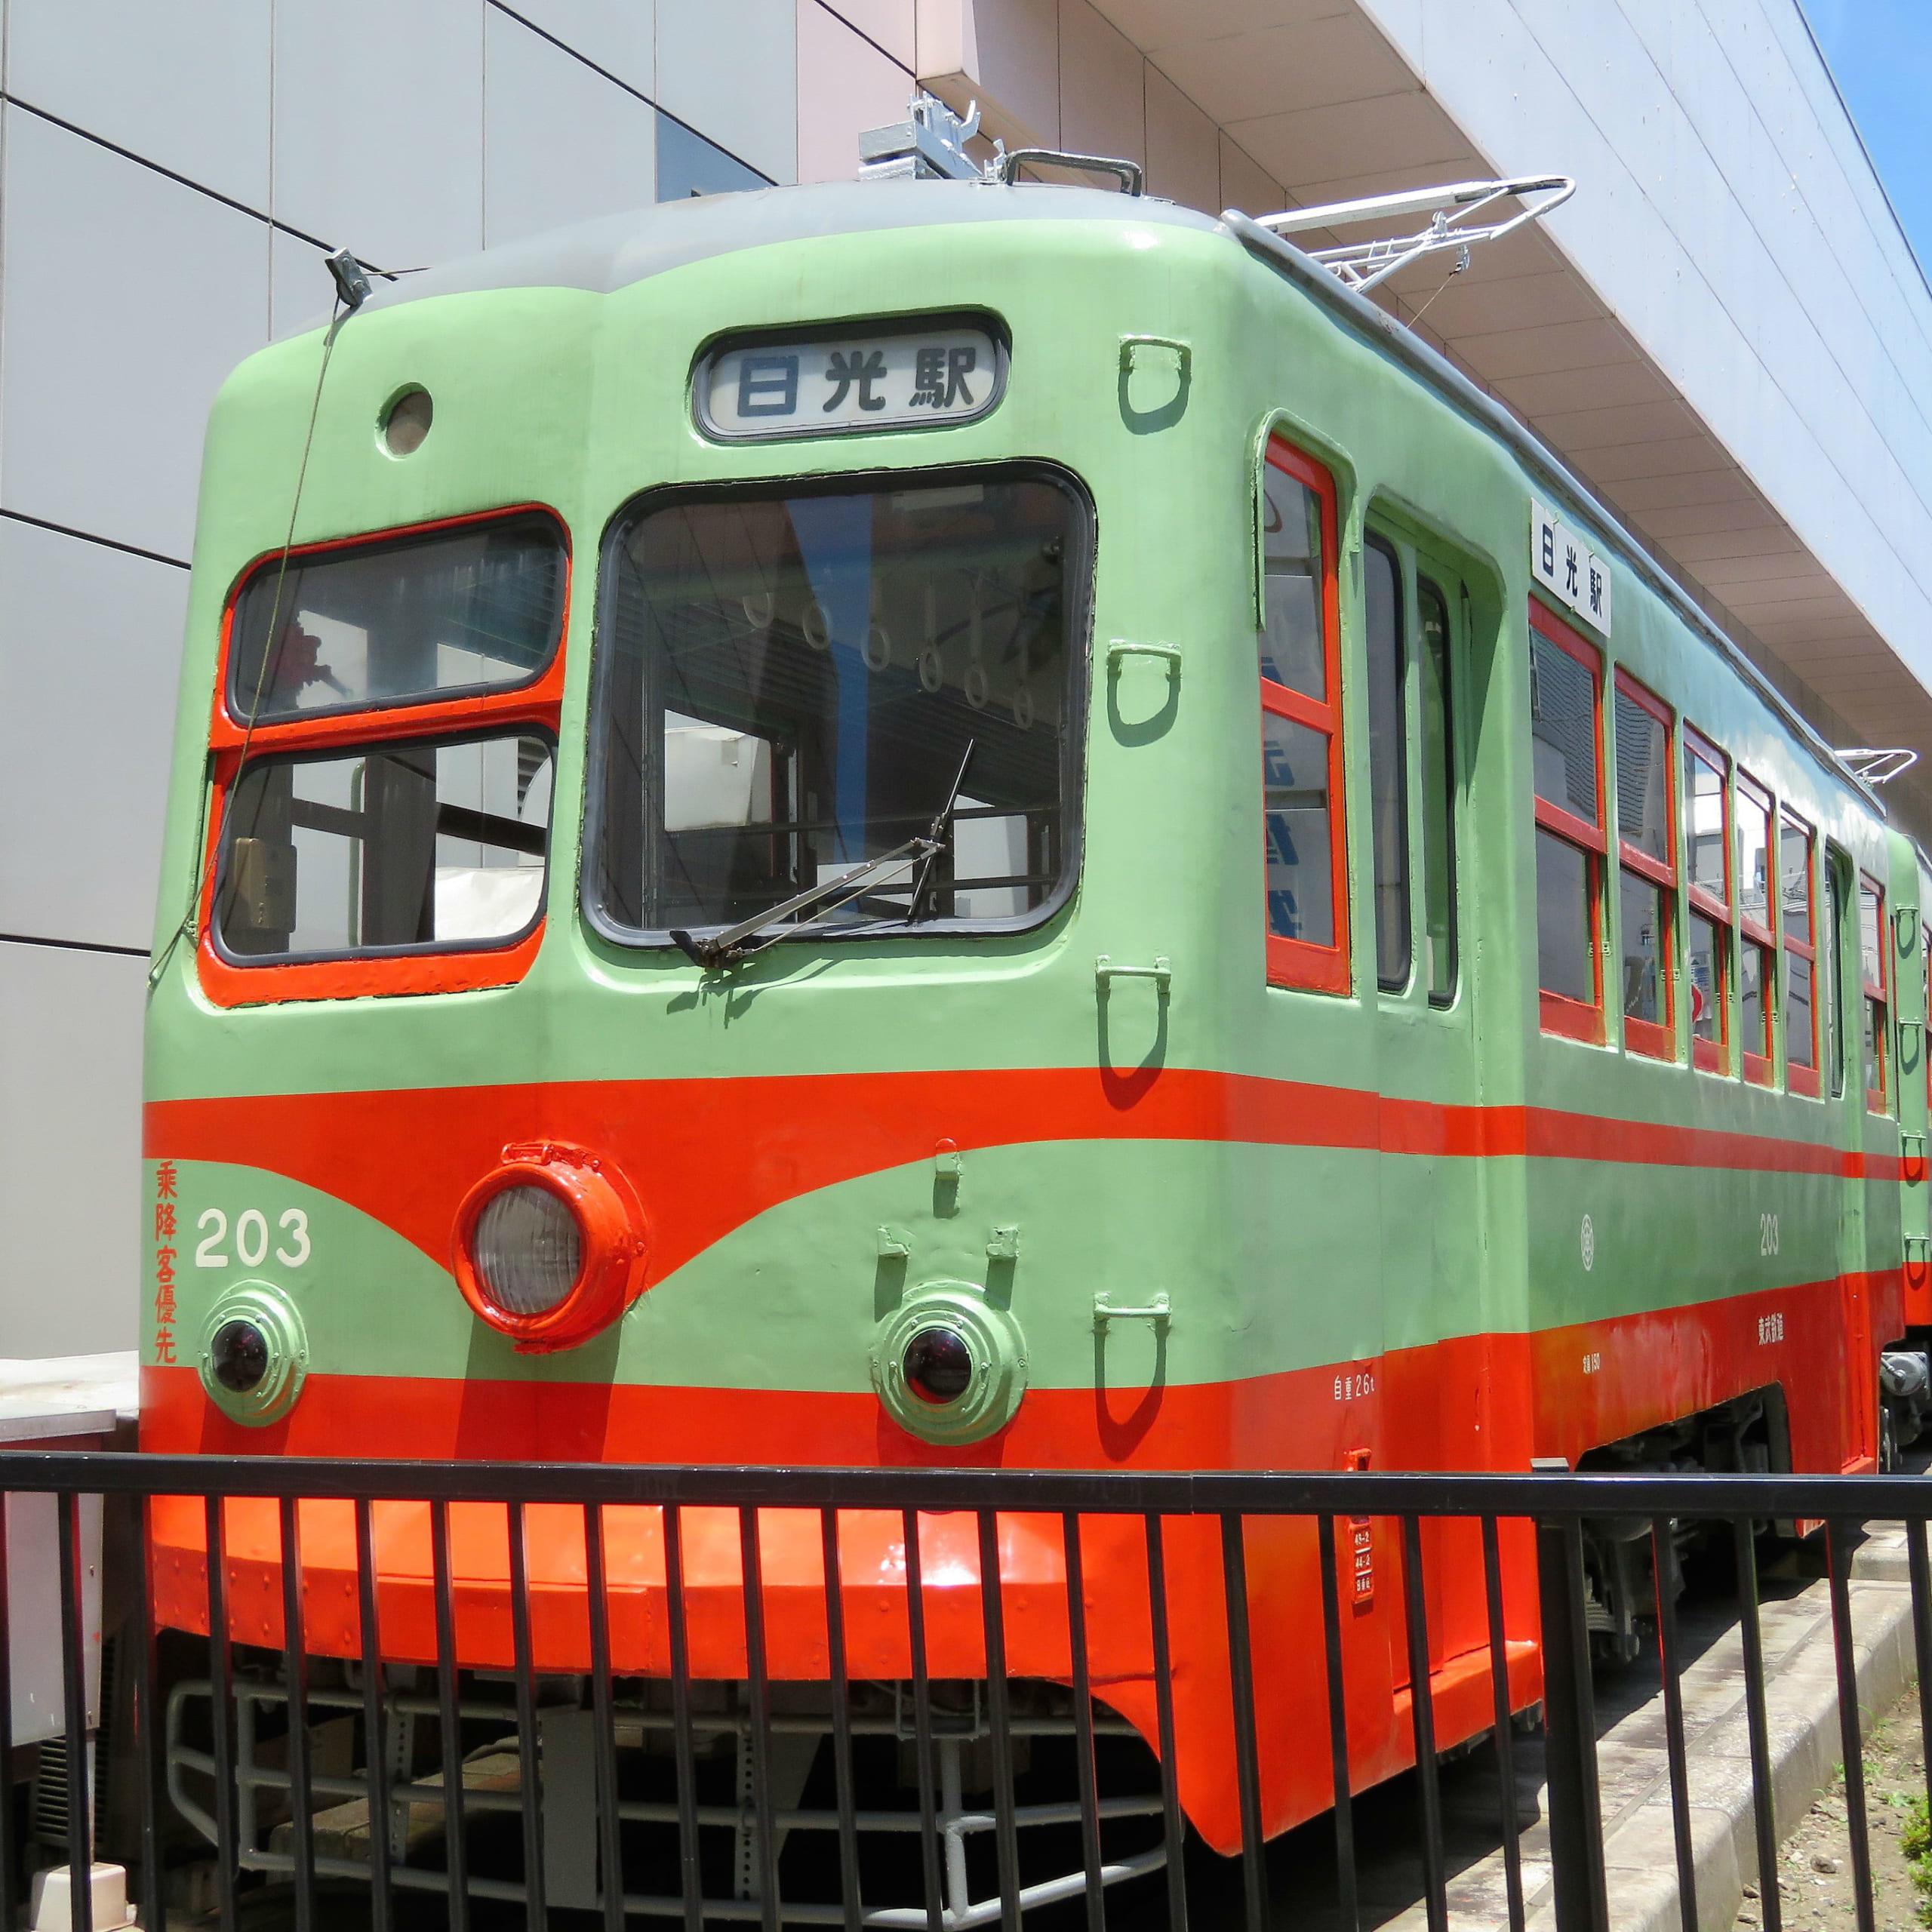 東武日光軌道、愛宕山鉄道…聖地鉄道の廃線めぐり